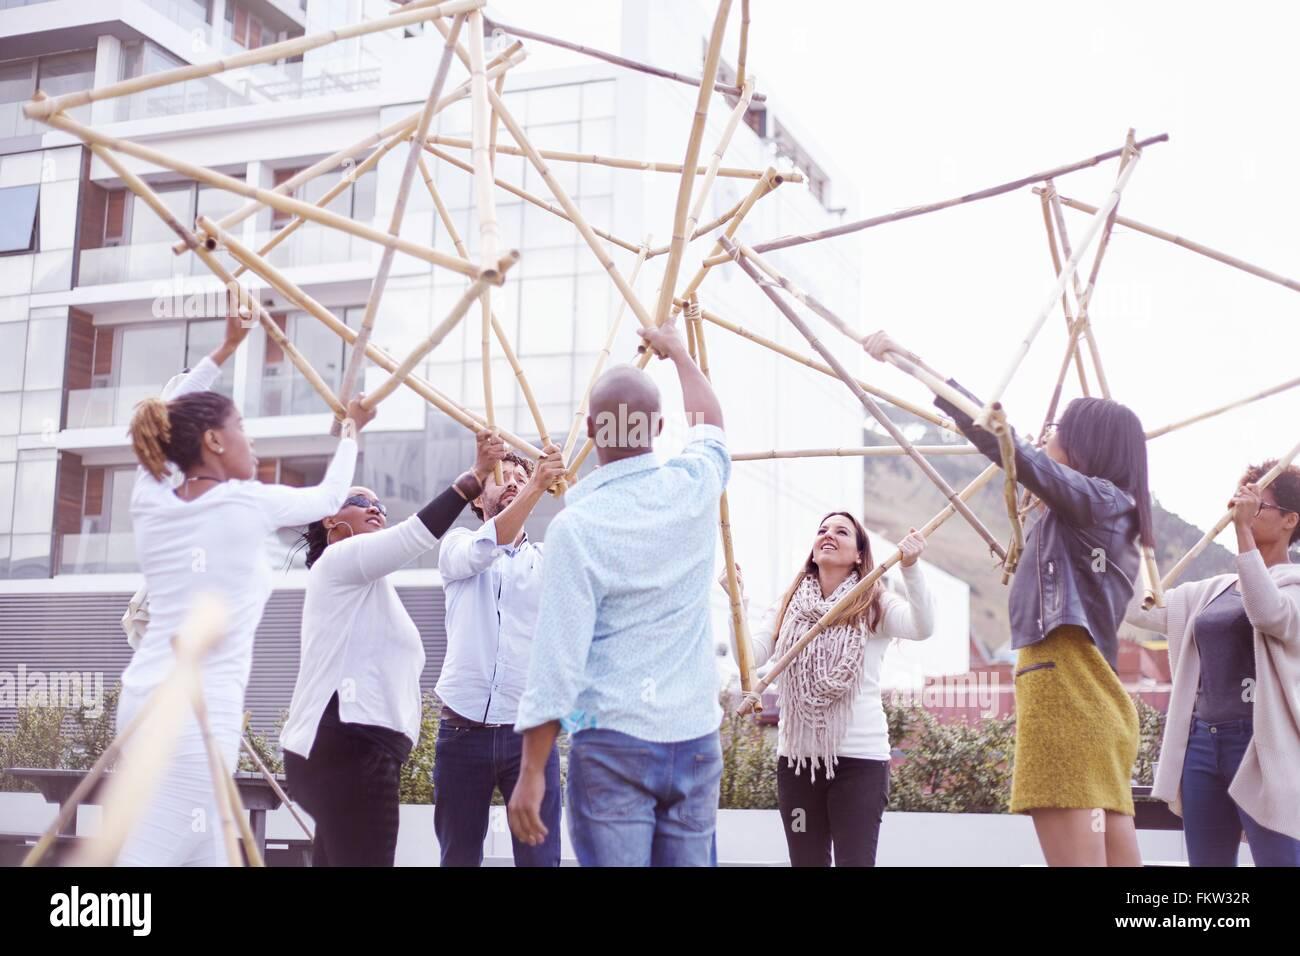 Ángulo de visión baja colegas de team building edificio elevación de tareas Estructura de madera Imagen De Stock